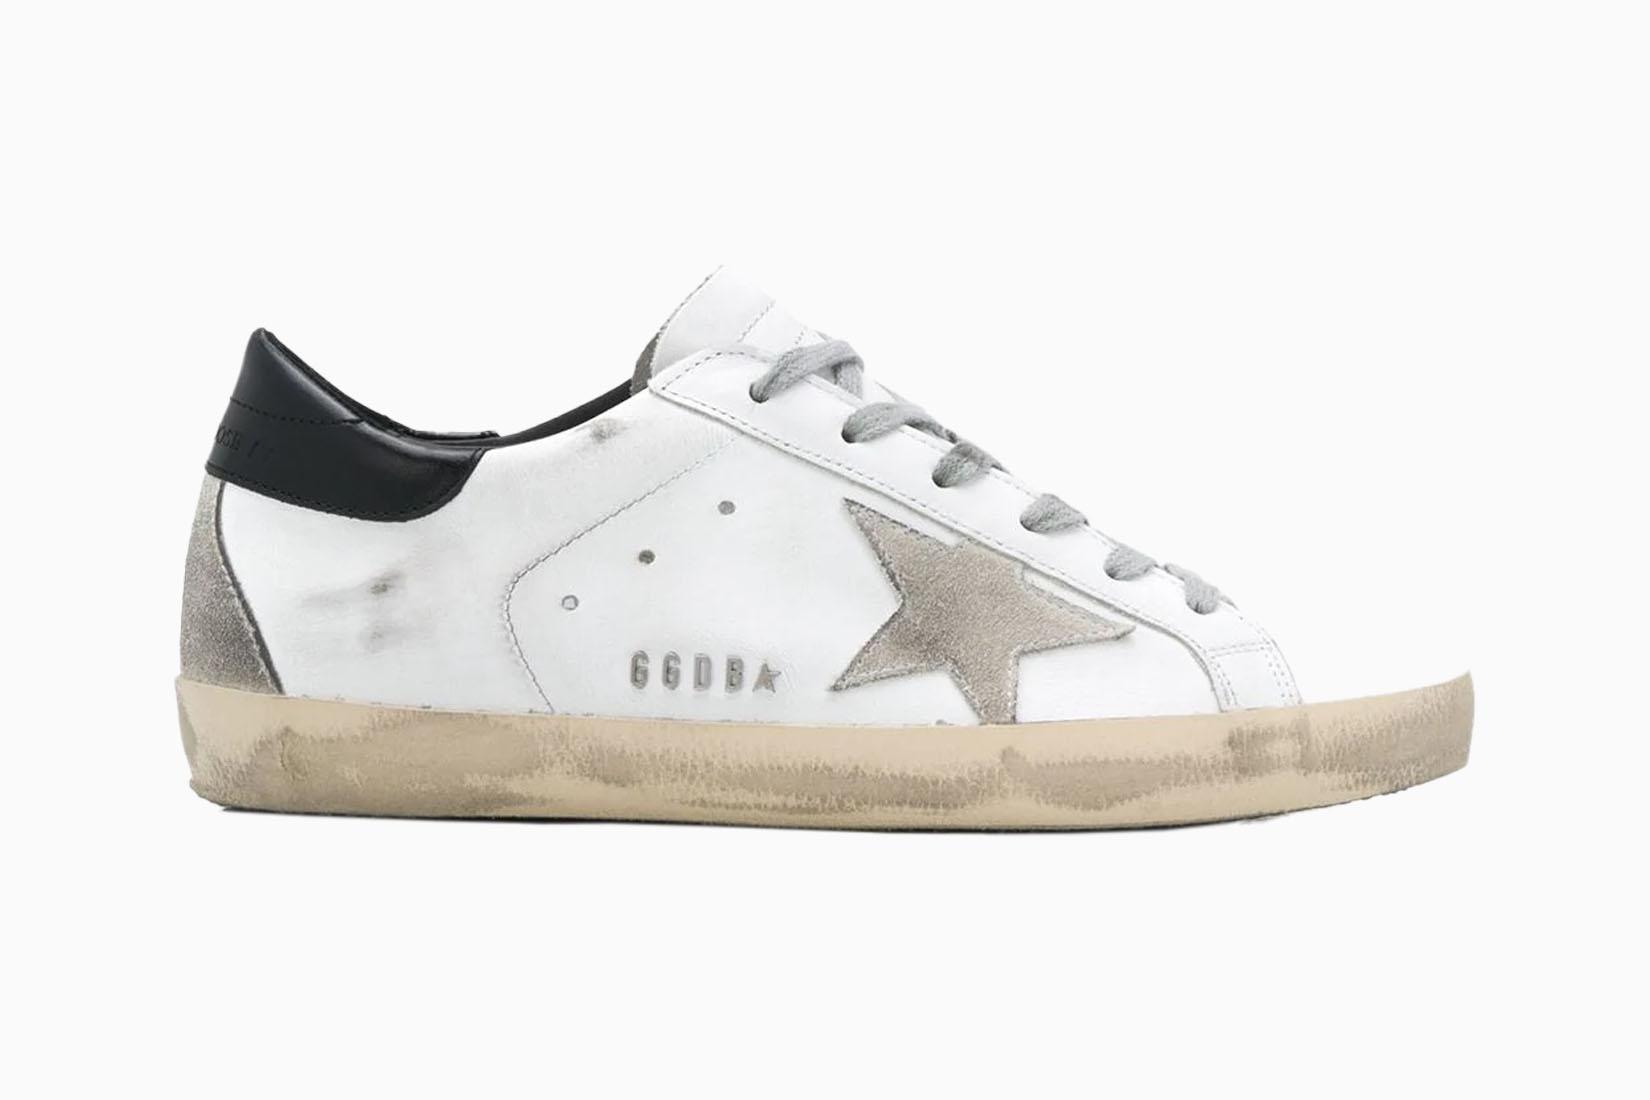 best sneakers women golden goose review Luxe Digital